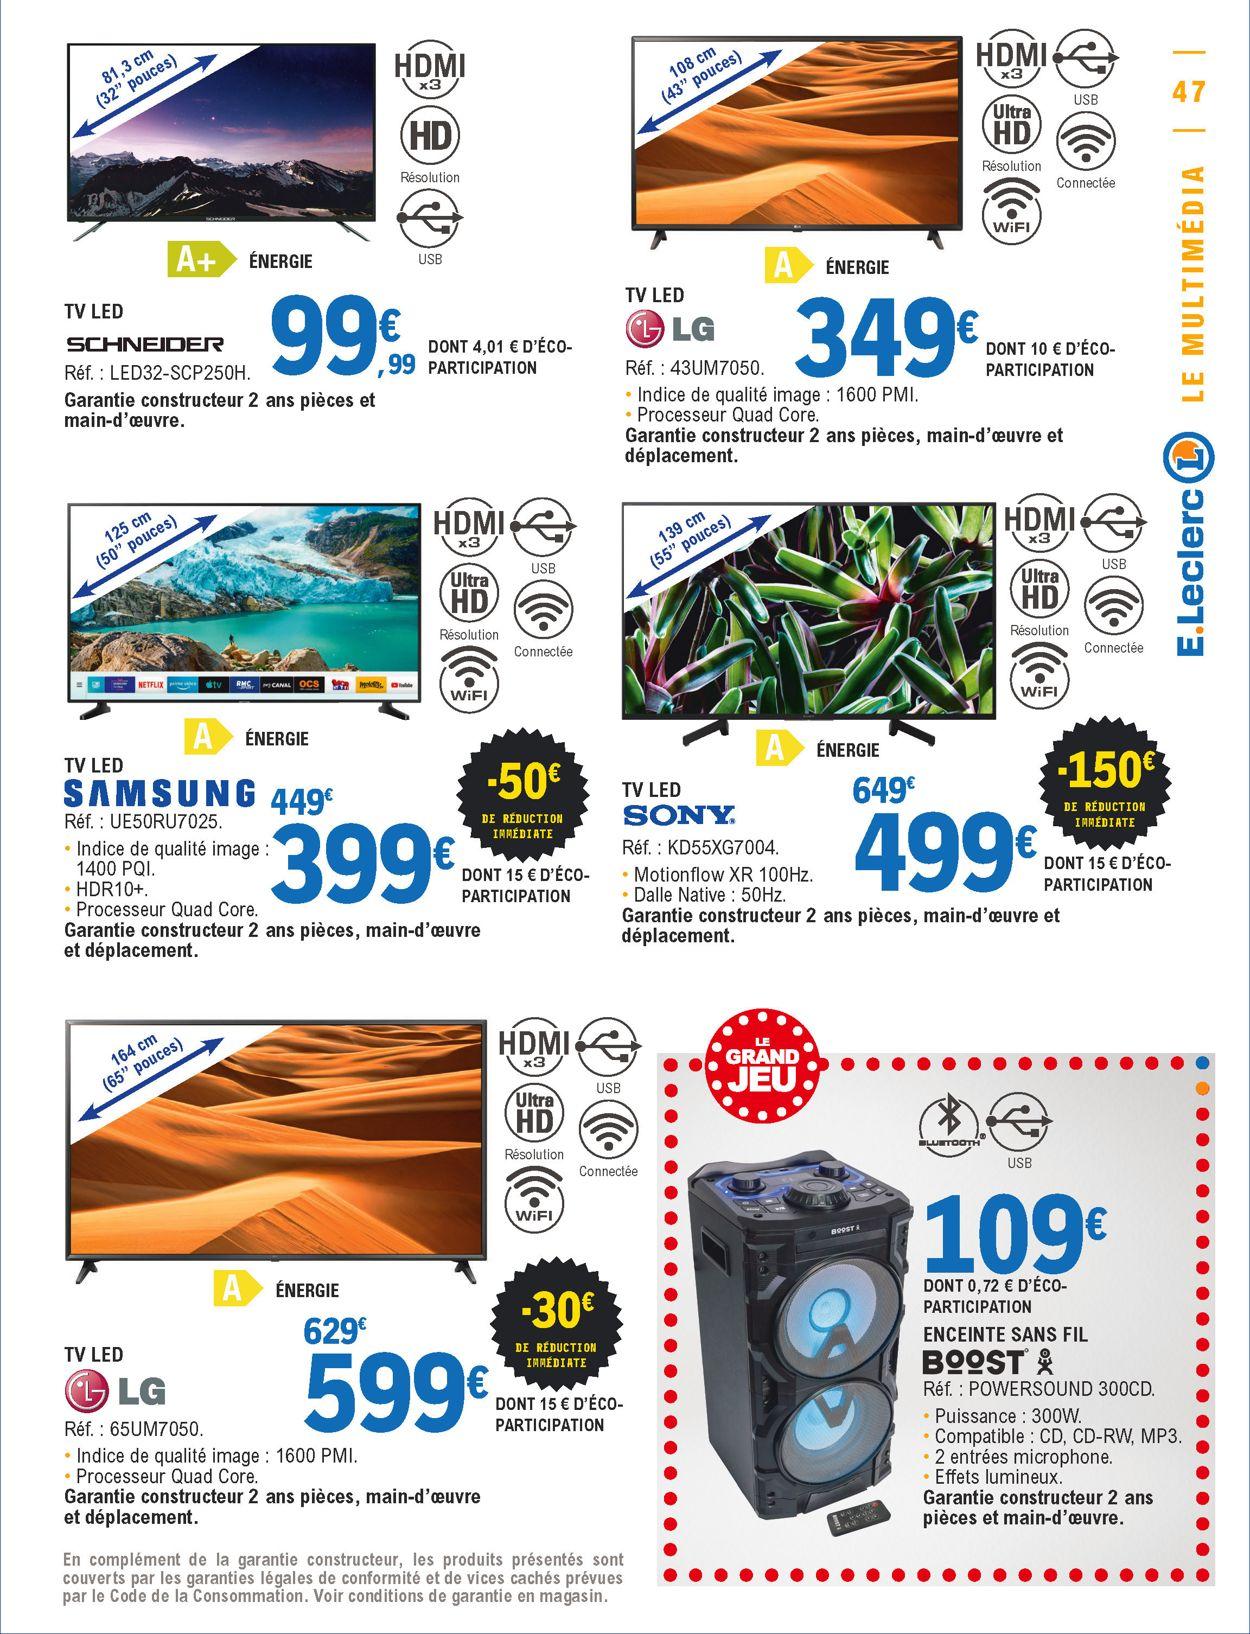 E.leclerc Catalogue - 23.06-04.07.2020 (Page 47)